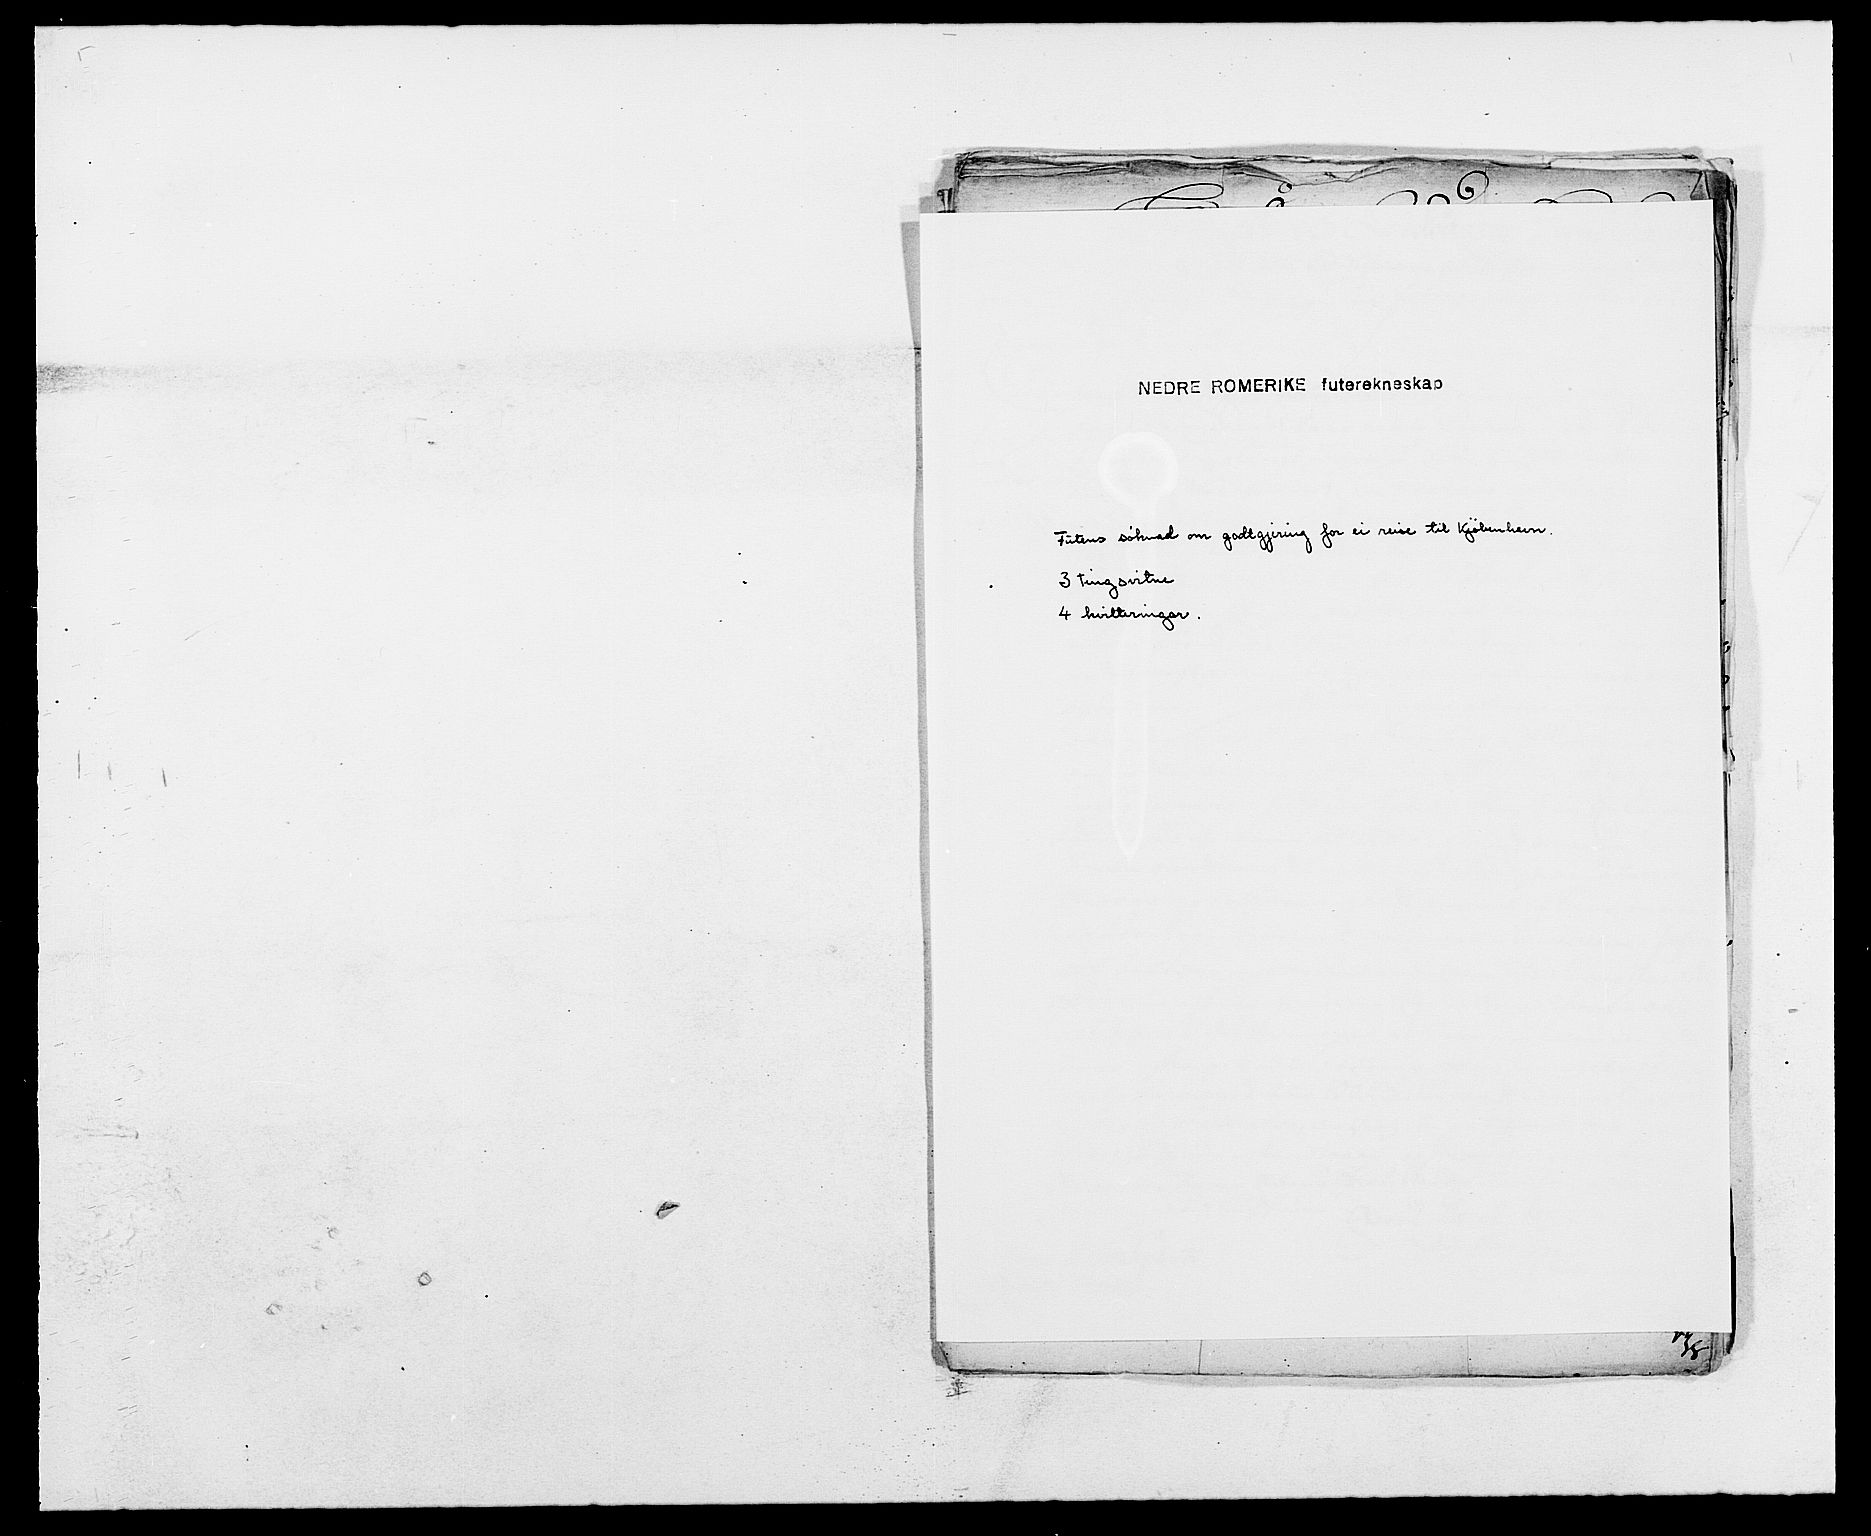 RA, Rentekammeret inntil 1814, Reviderte regnskaper, Fogderegnskap, R11/L0568: Fogderegnskap Nedre Romerike, 1679, s. 268